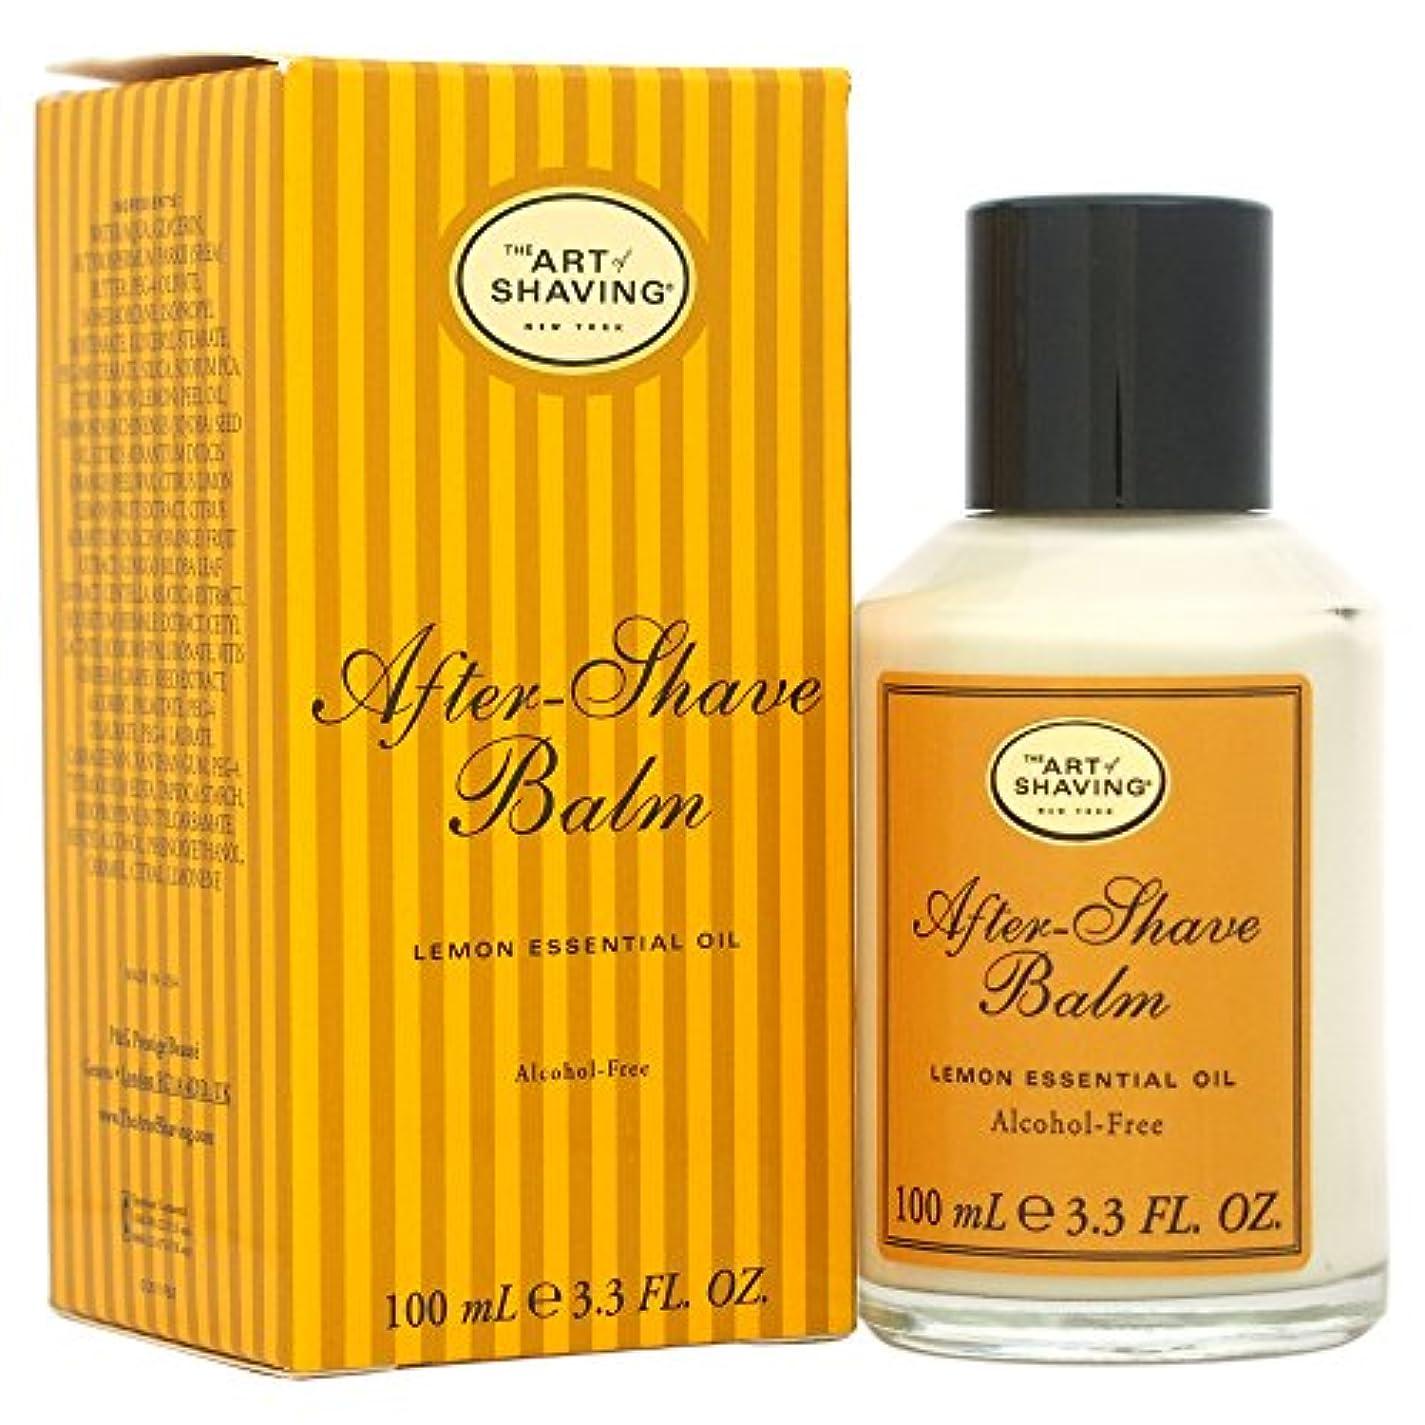 血色の良い優雅なリゾートThe Art Of Shaving After-Shave Balm With Lemon Essential Oil (並行輸入品) [並行輸入品]